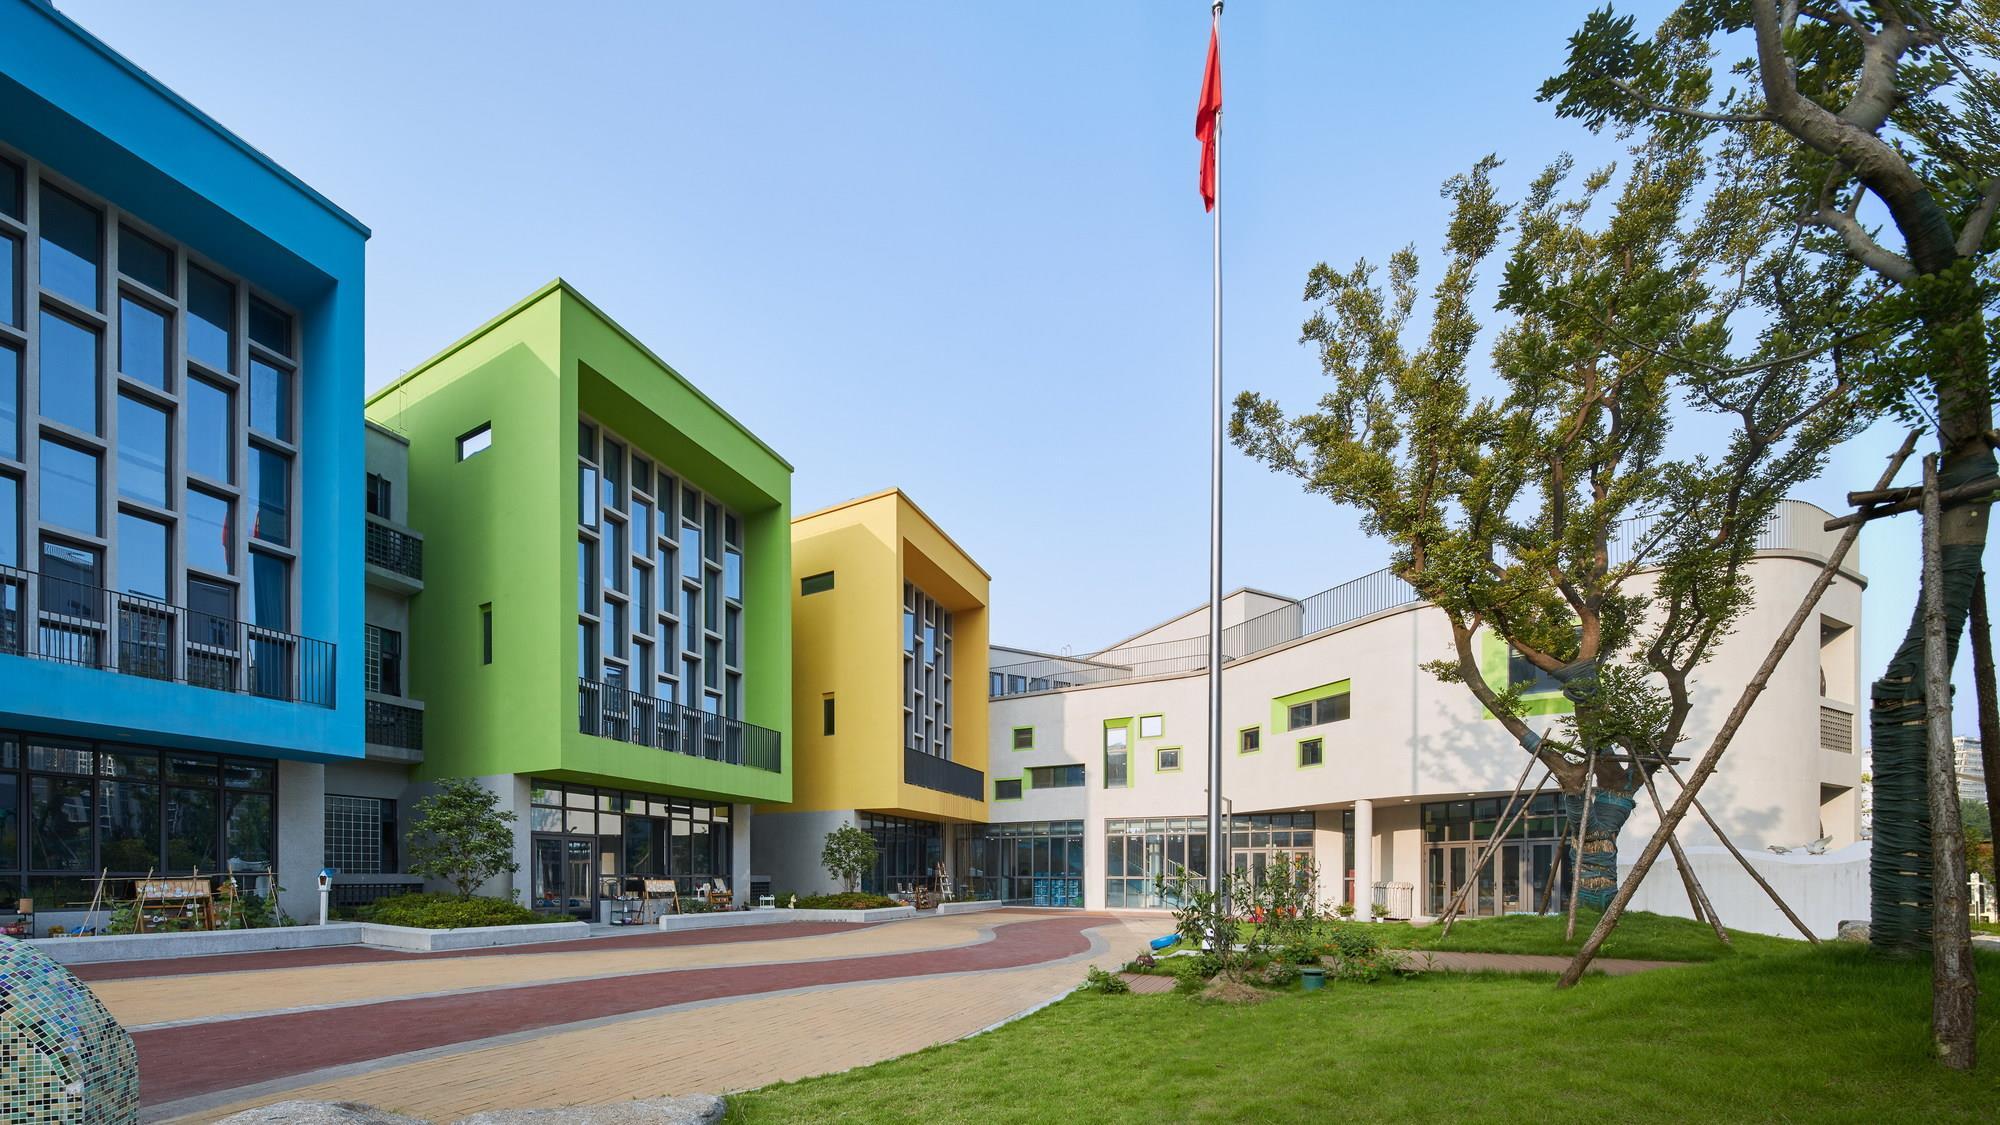 浙江·杭州胜利小学附属幼儿园---浙江大学建筑设计研究院有限公司图片